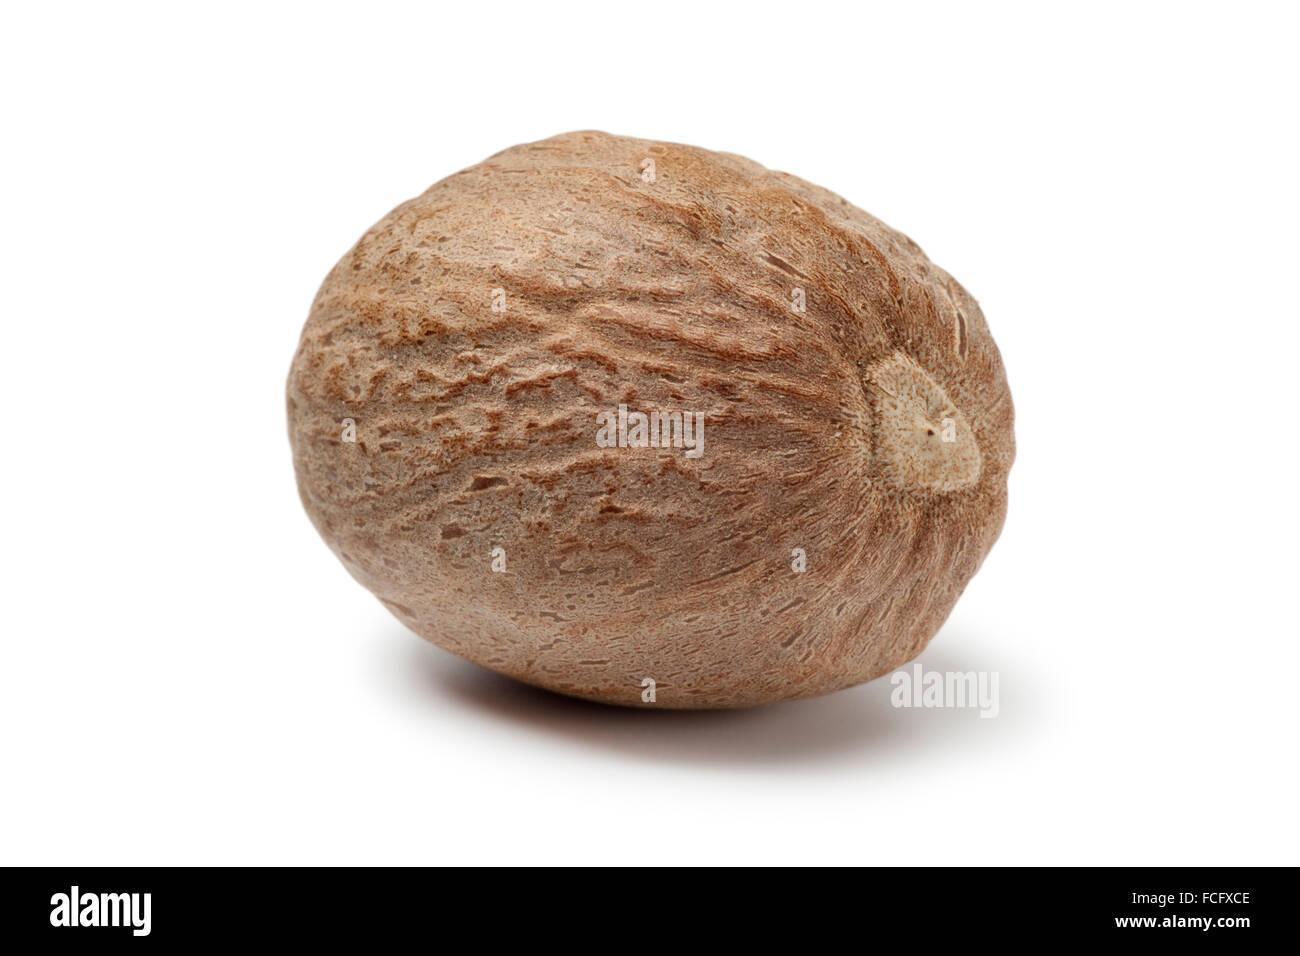 Single nutmeg kernel on white background - Stock Image